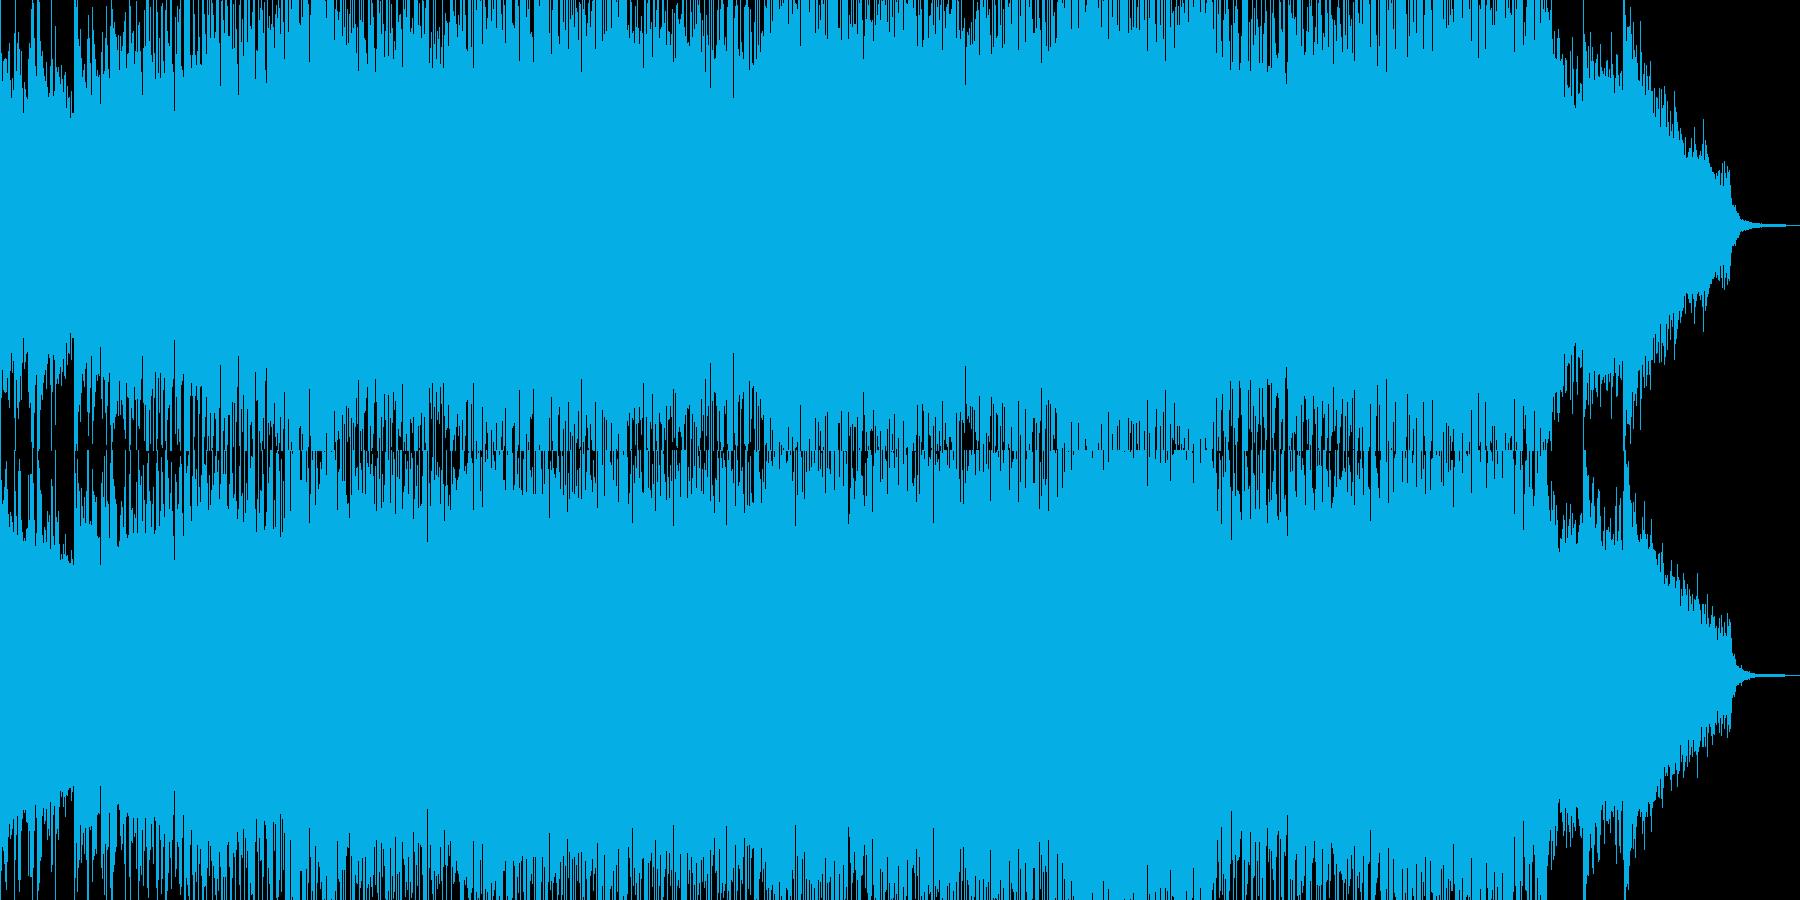 ストリングス・幕開け盛大な作品に 短尺★の再生済みの波形